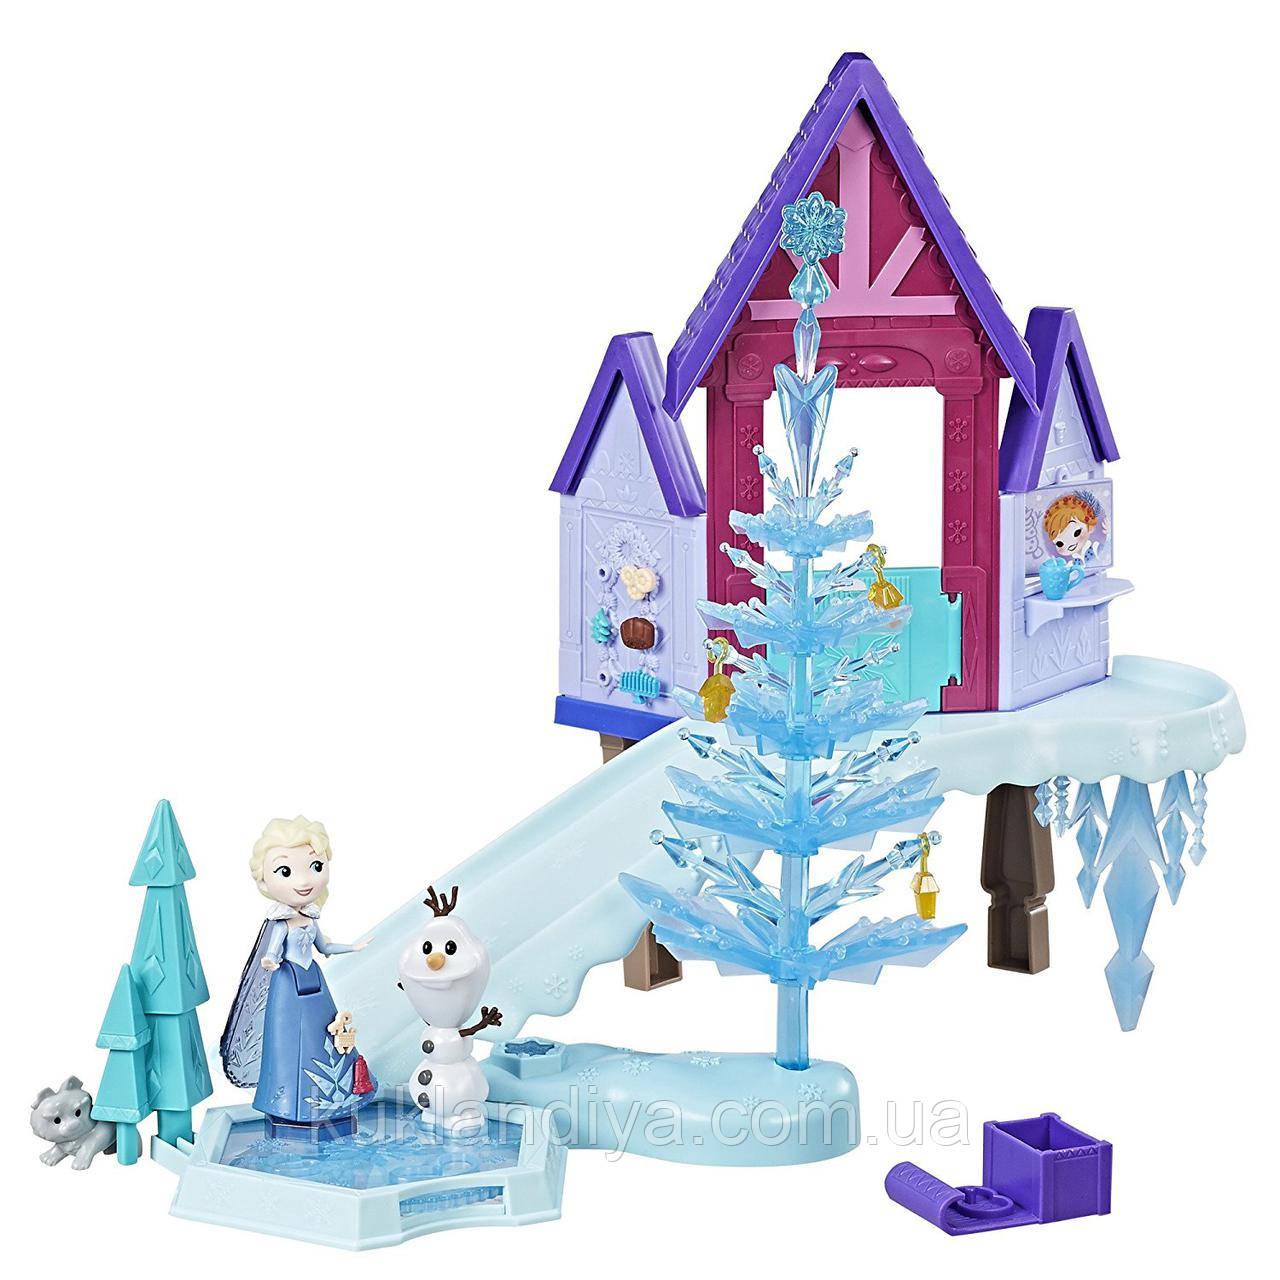 Игровой набор Frozen Праздник в Аренделе с Эльзой